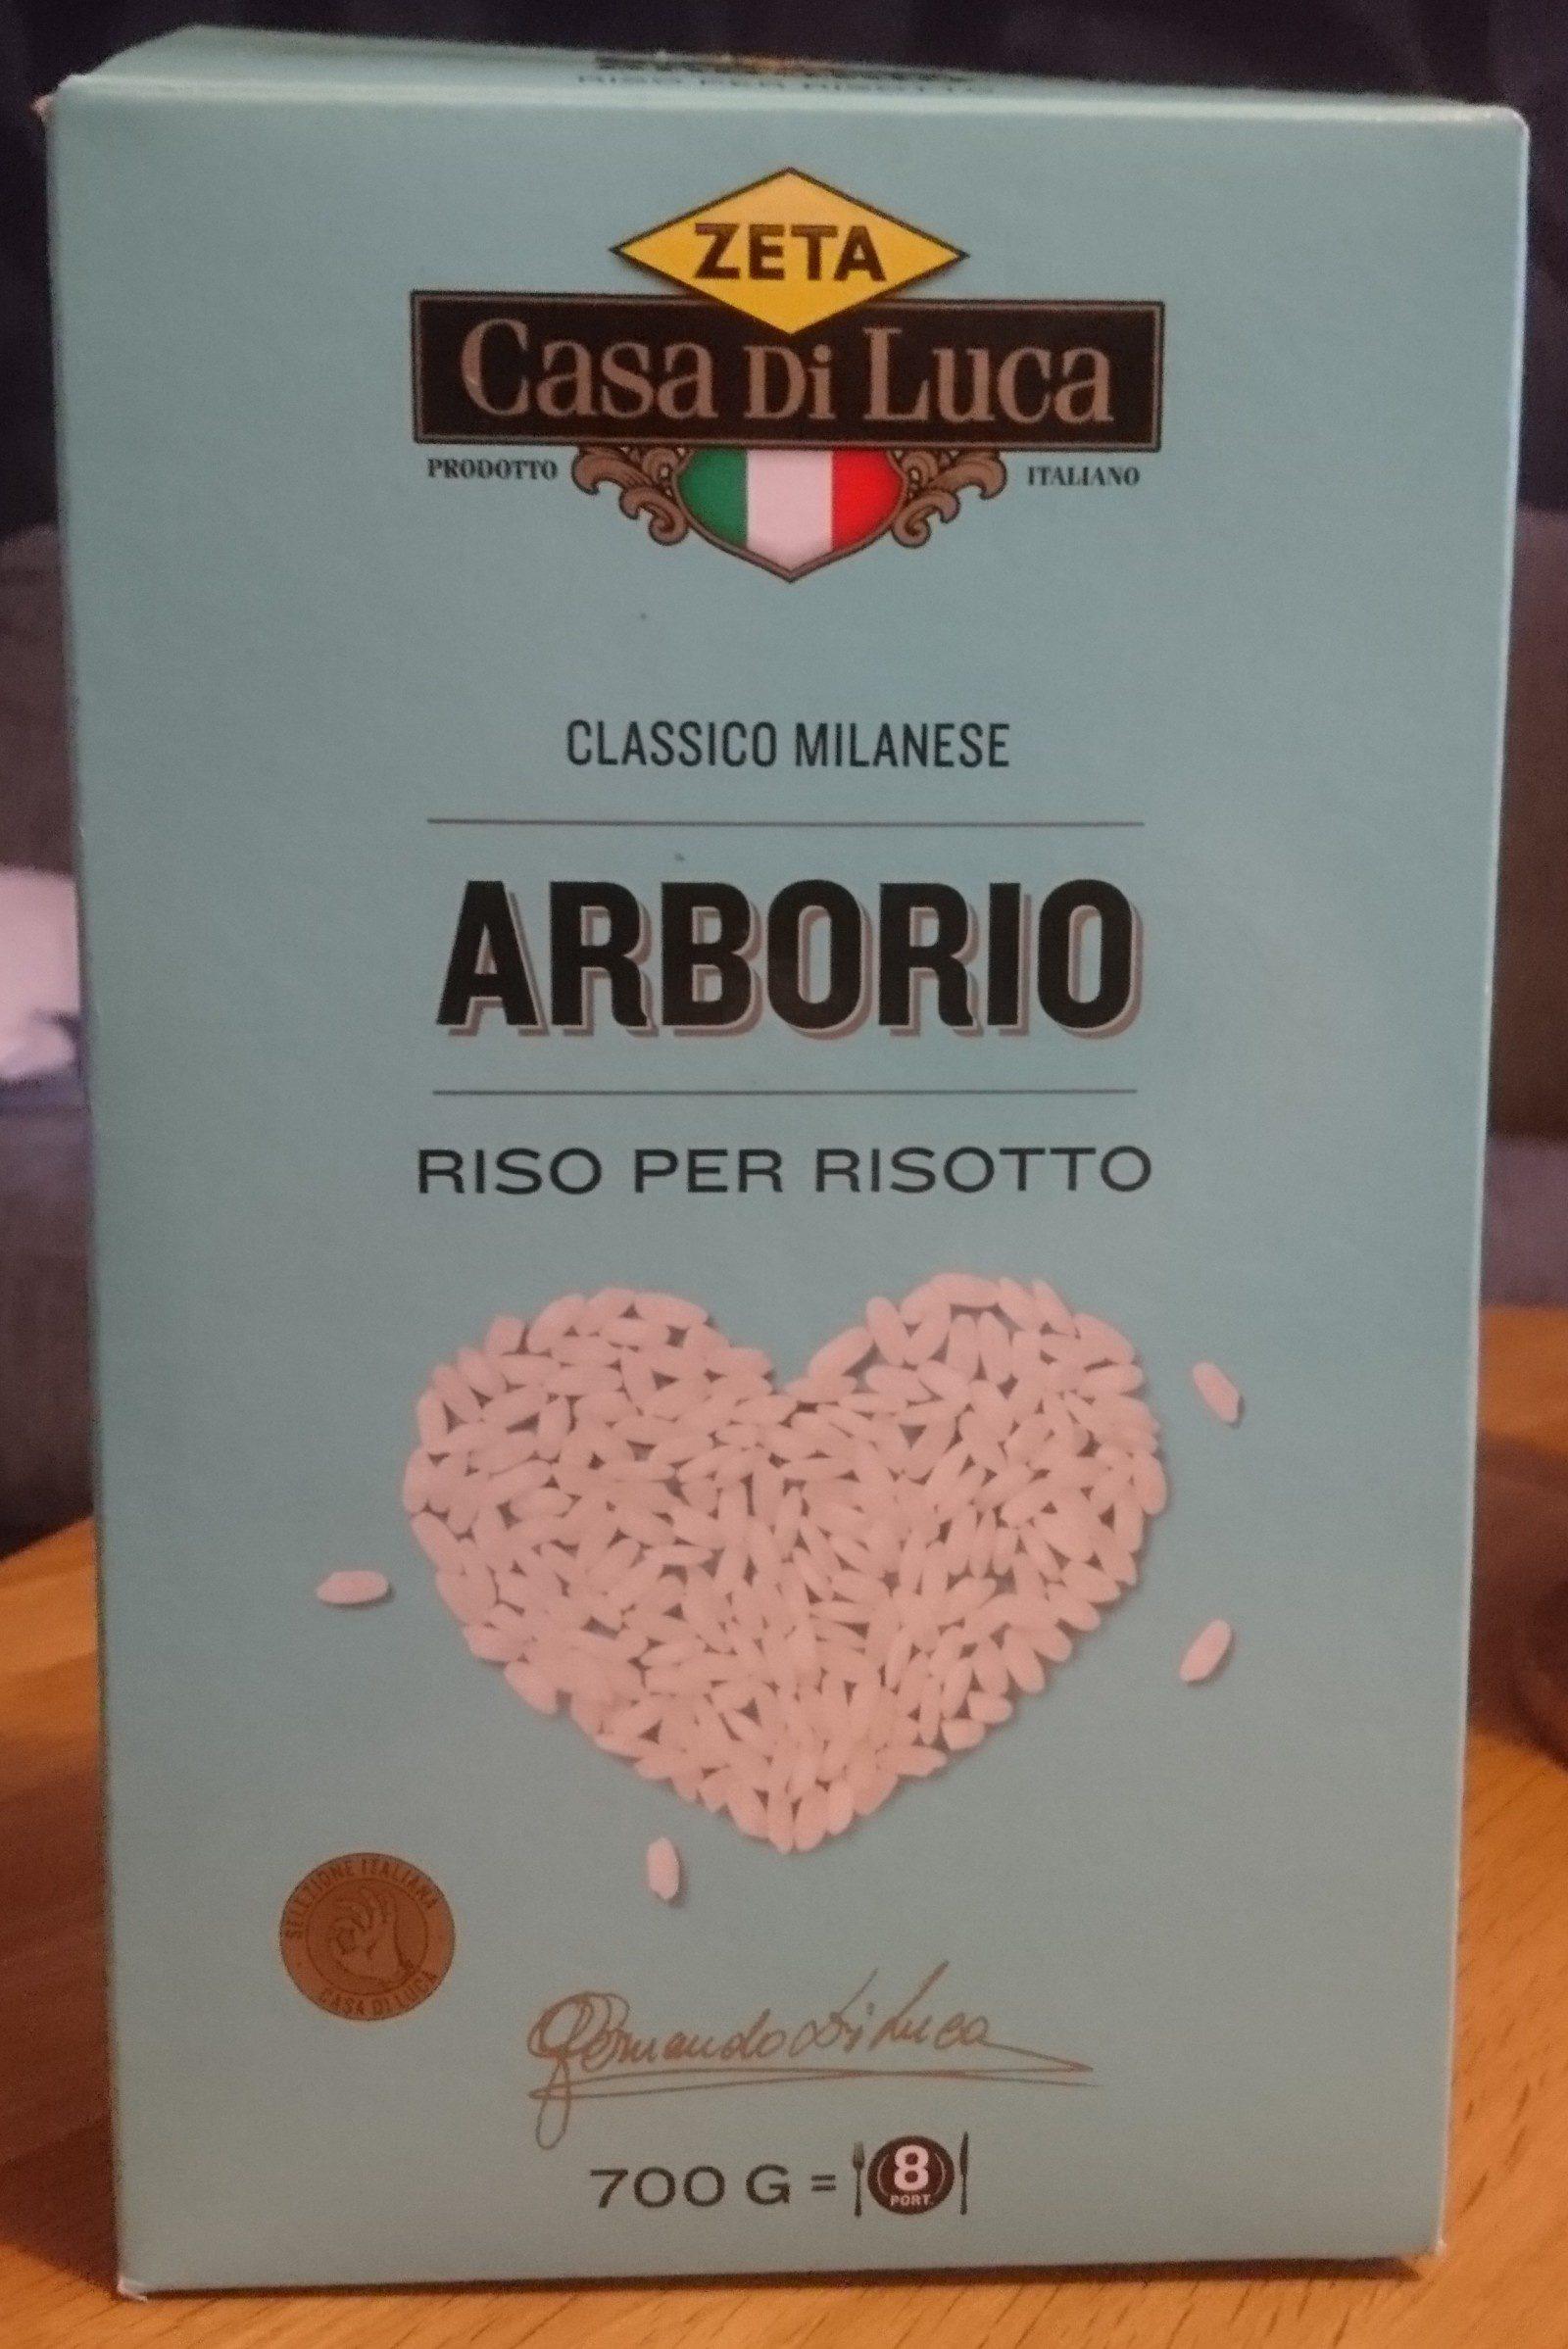 Arborio - Product